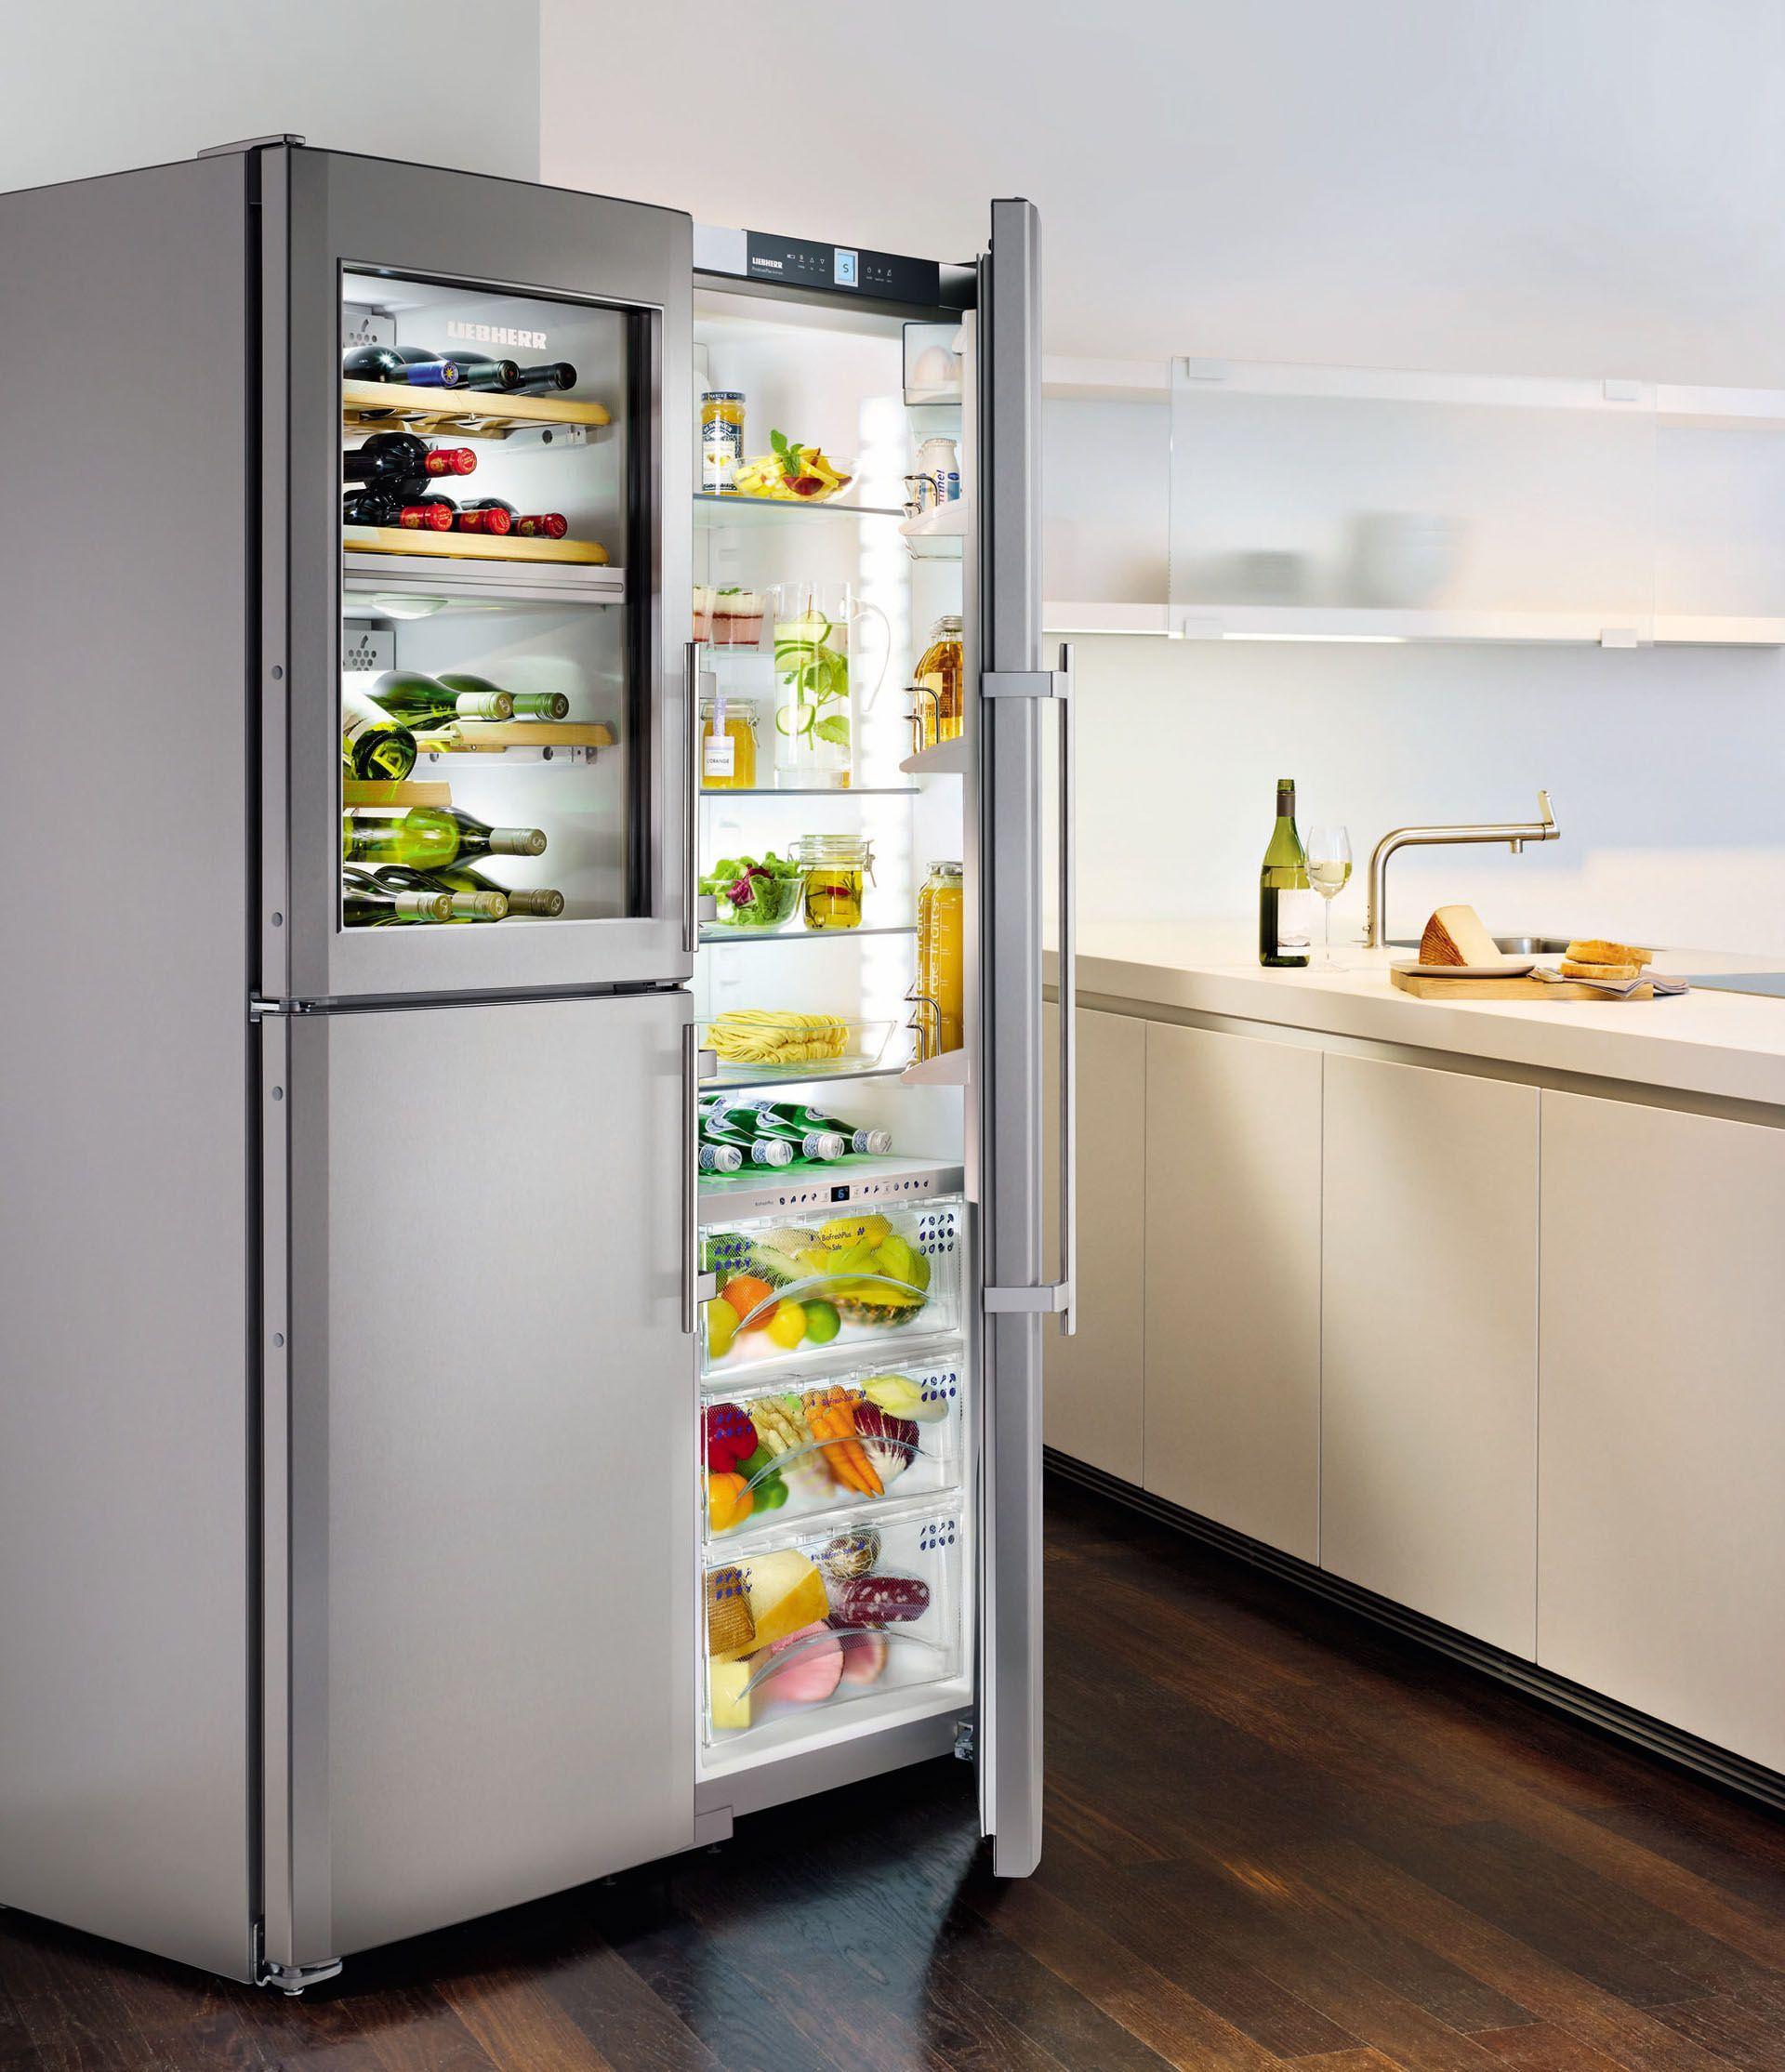 Atag KA2411DW side by side koelkast met wijnkoeler / Atag KA2411DW ...